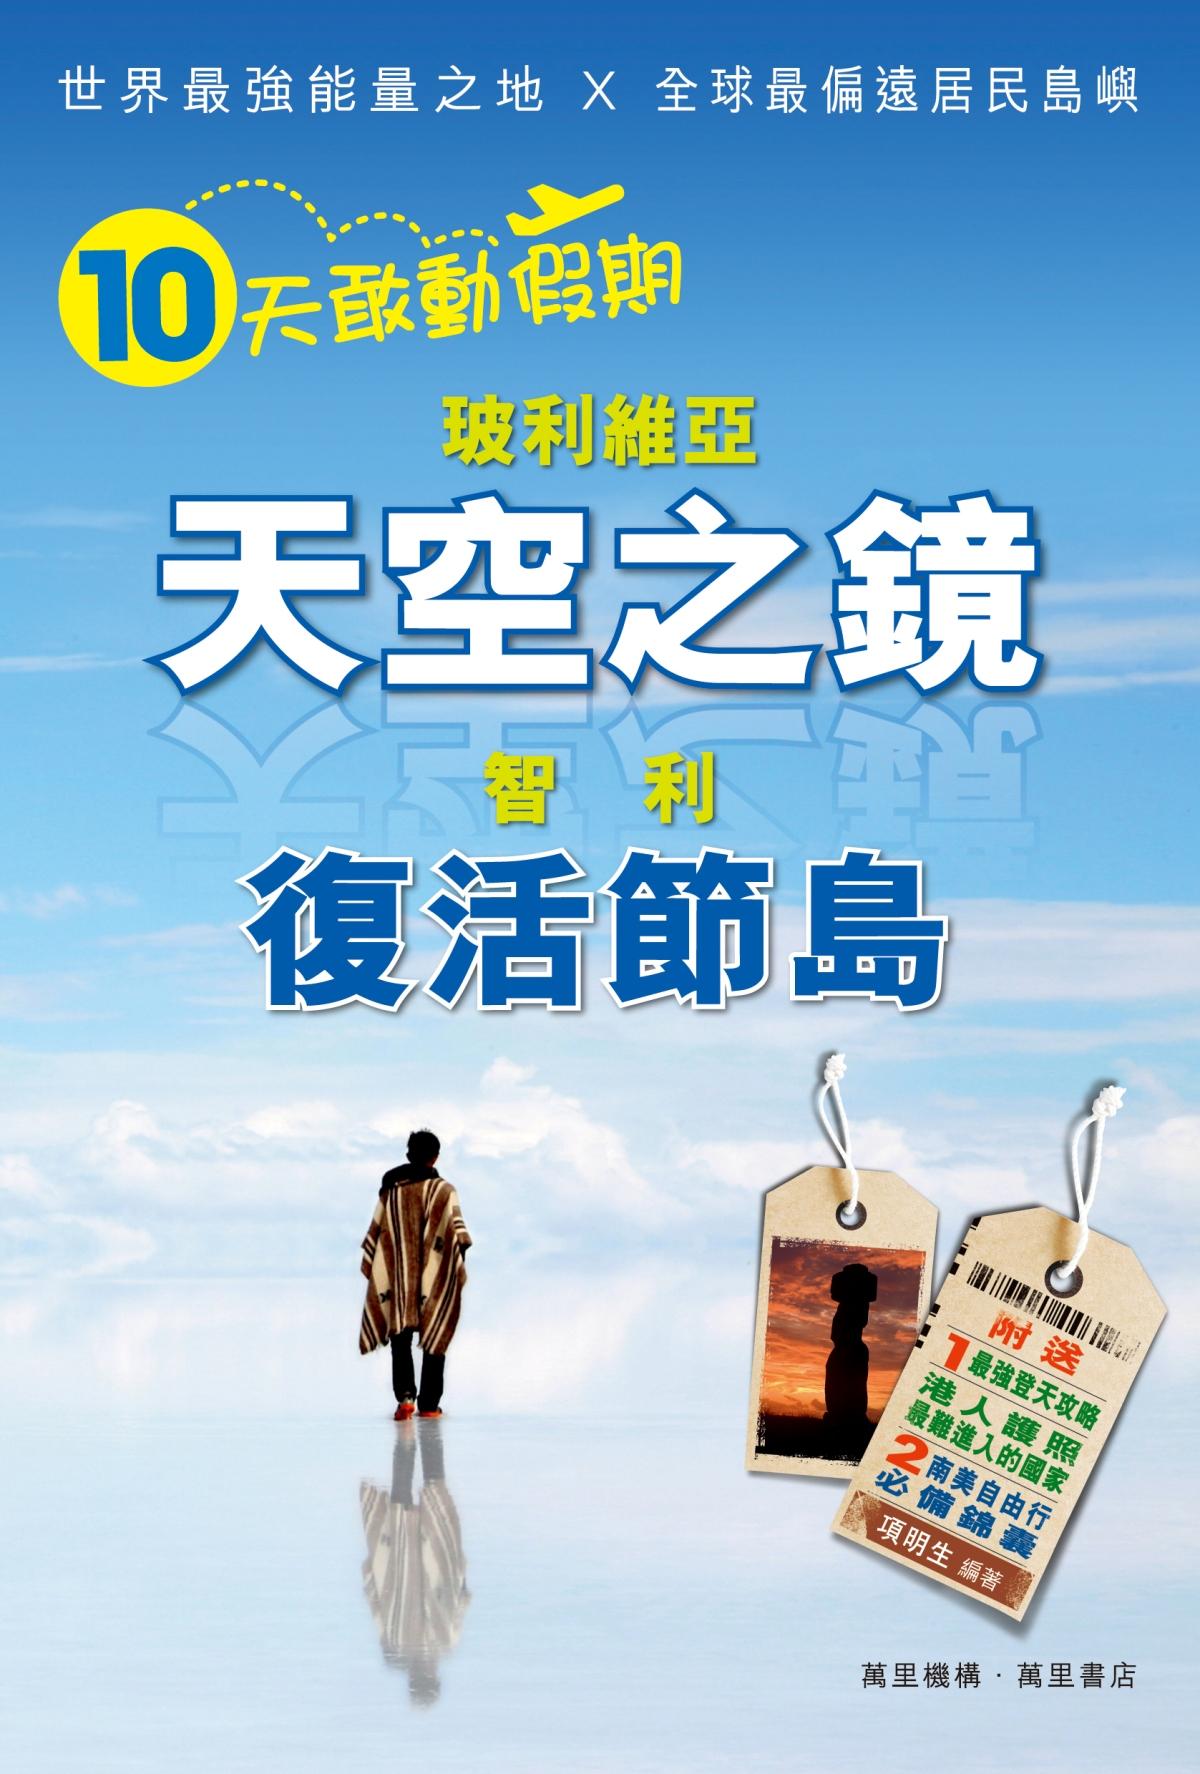 天空之鏡Final cover.JPG